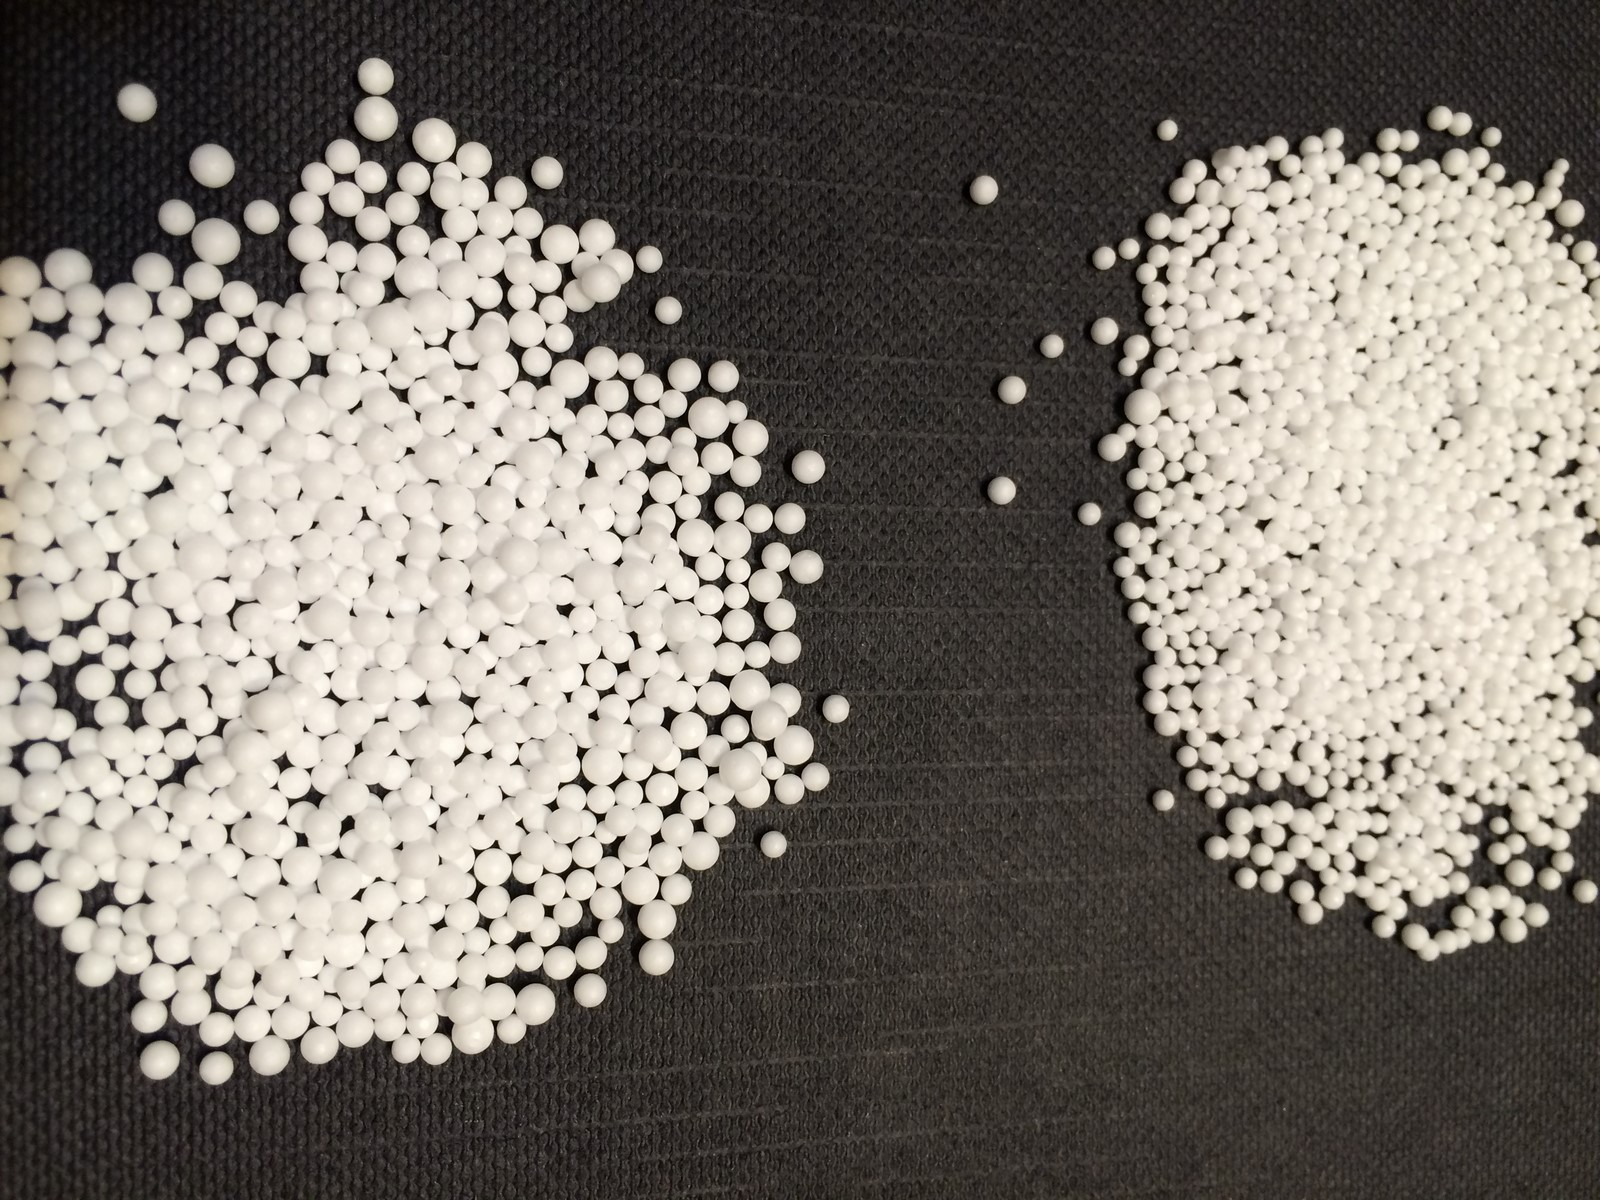 Полистирол литейный для ЛГМ технологий.